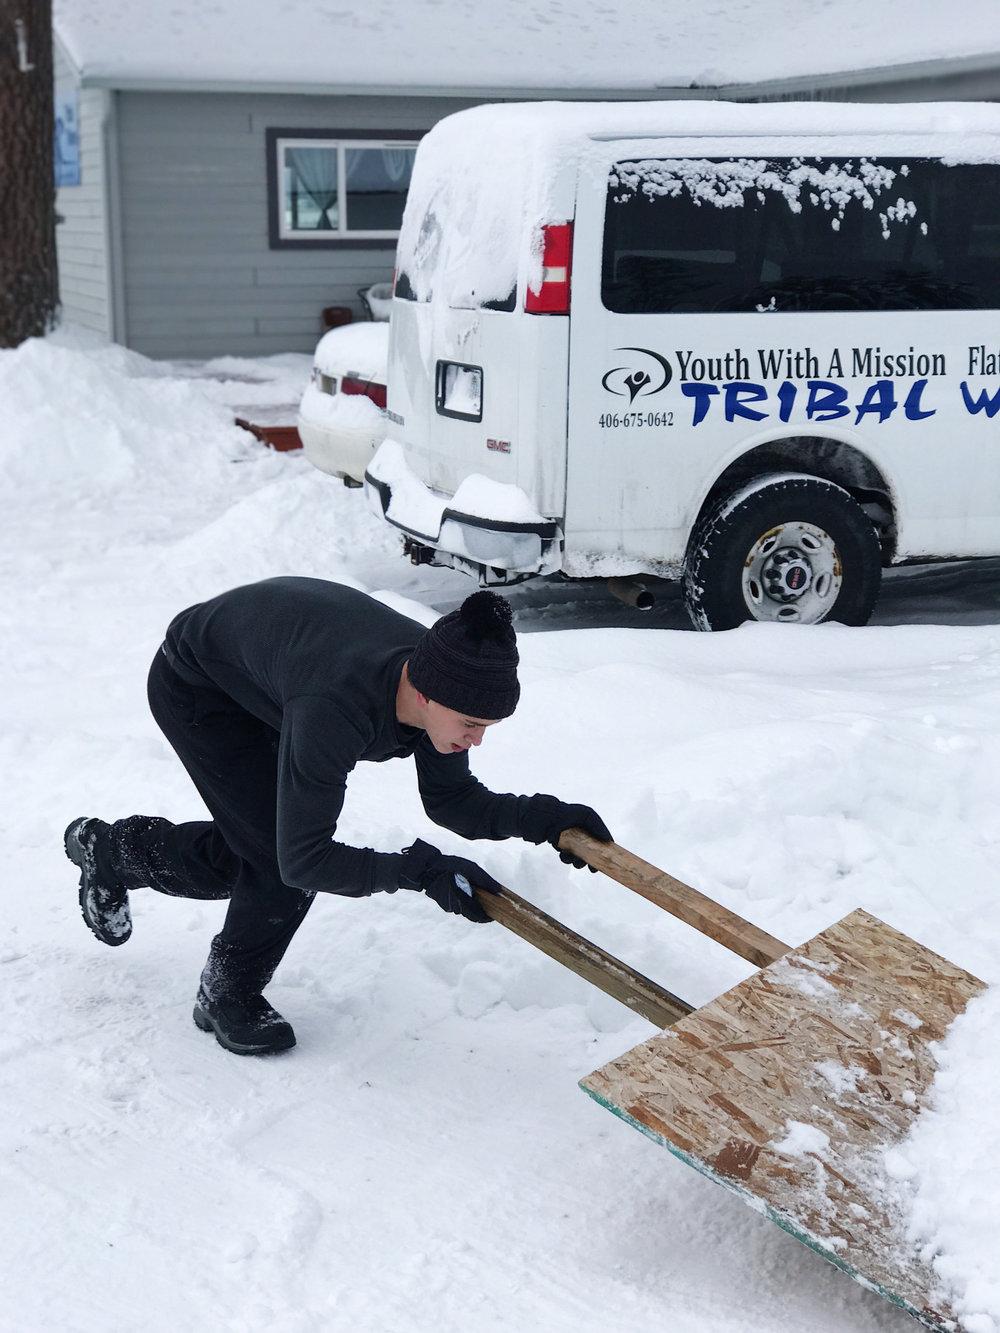 Christian Shoveling Snow.